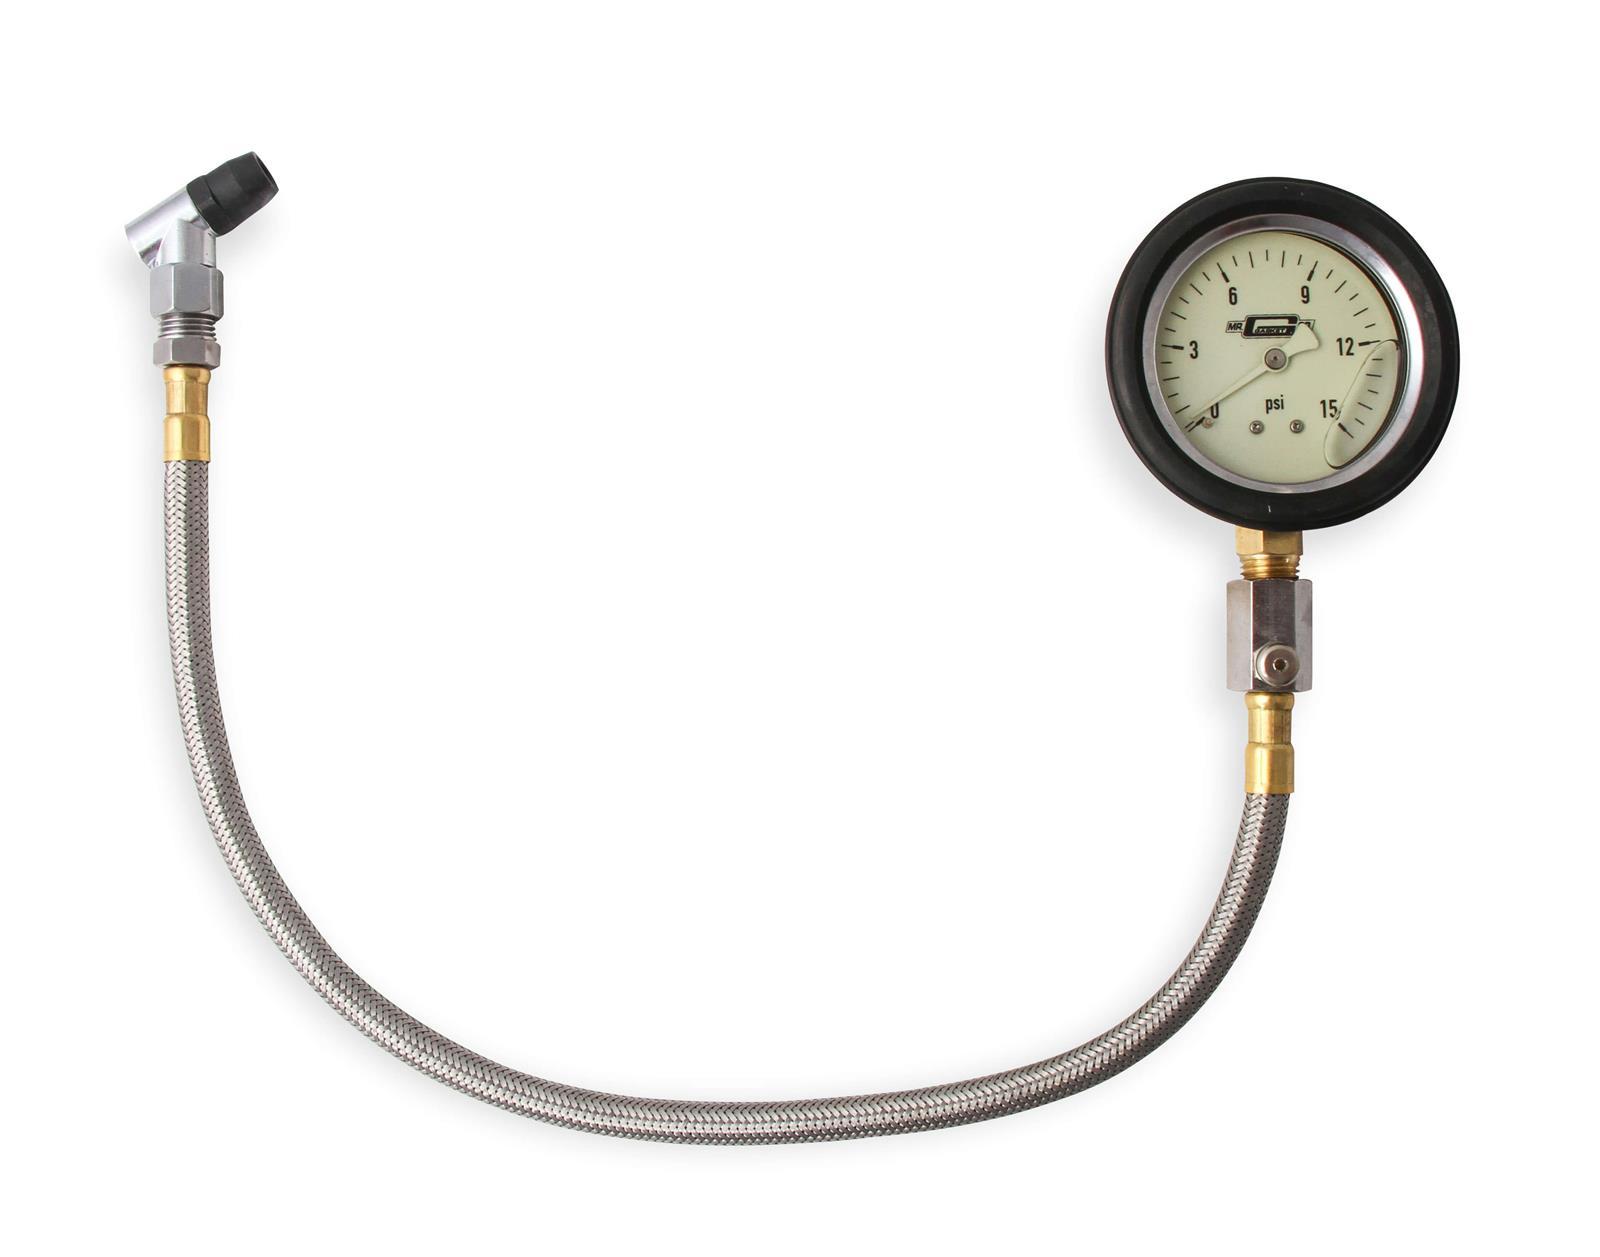 Summit Racing 0-60 PSI tire gauge with bleed valve